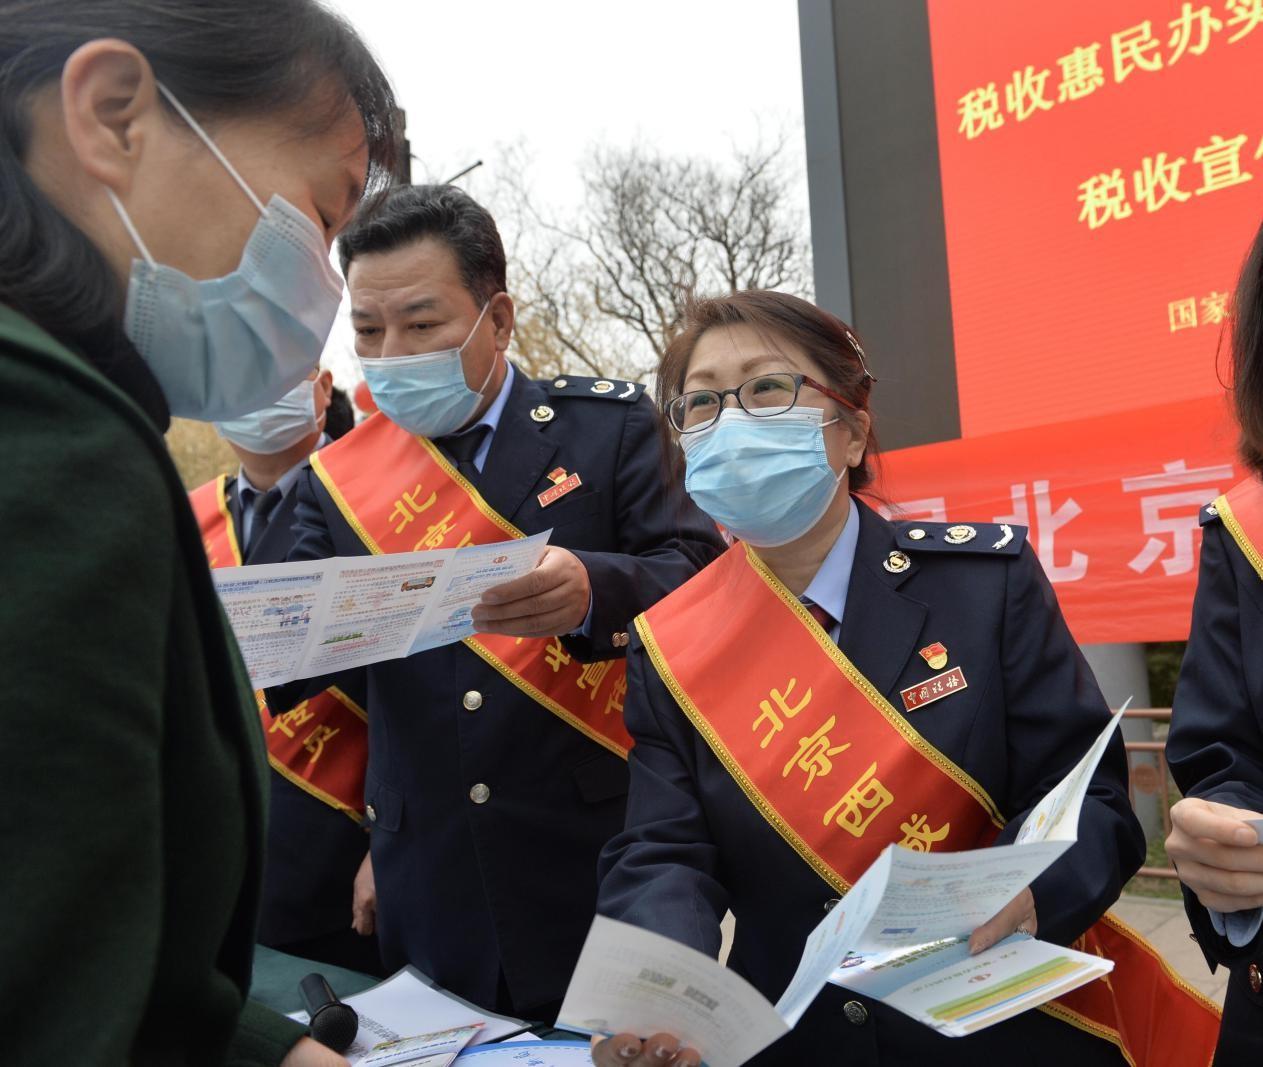 國家稅務總局北京市西城區稅務局舉辦稅收宣傳活動